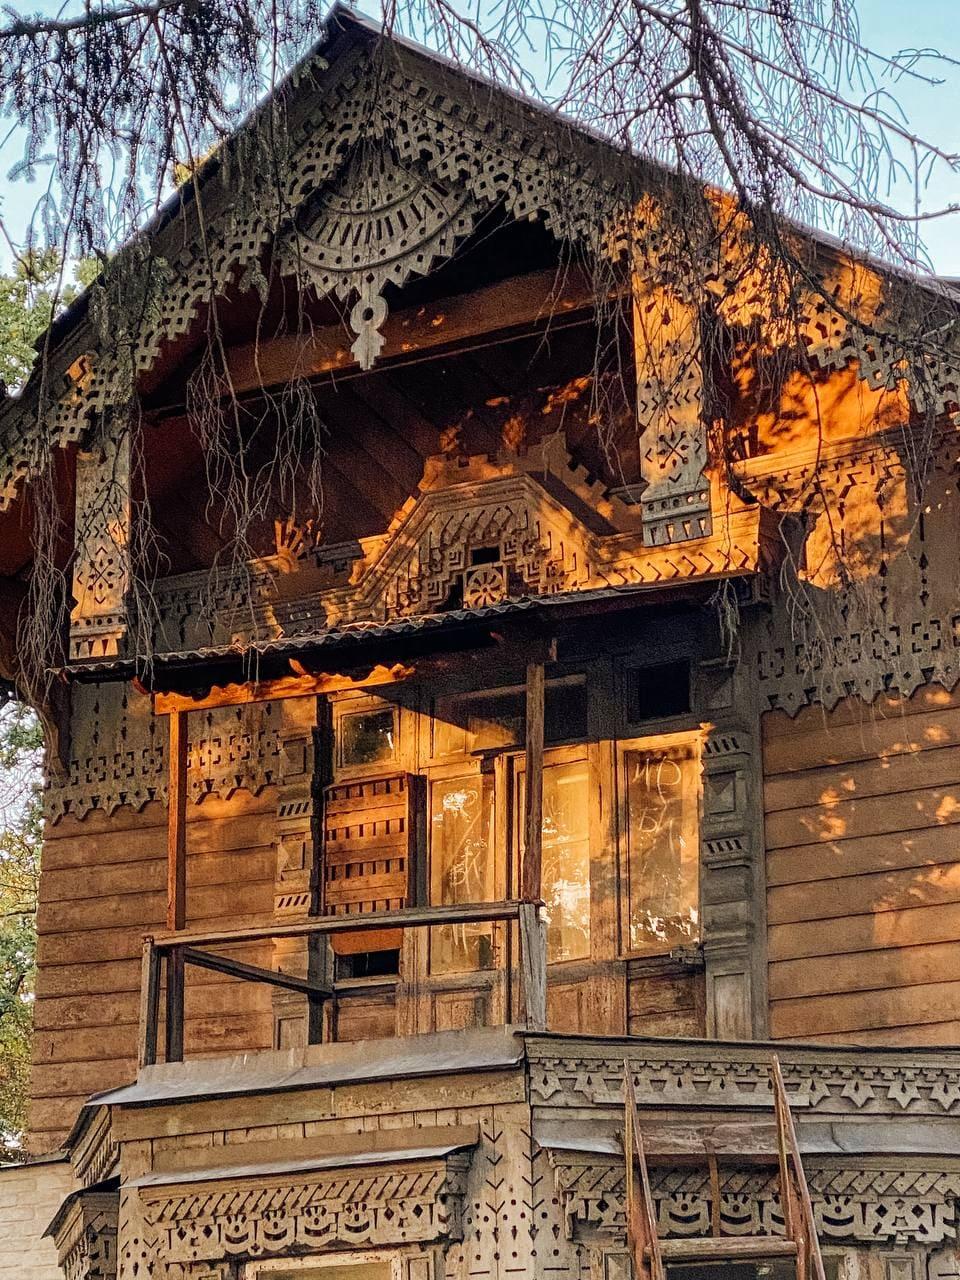 Куди поїхати біля Києва: Боярка та її старі дерев'яні дачі 19 століття.